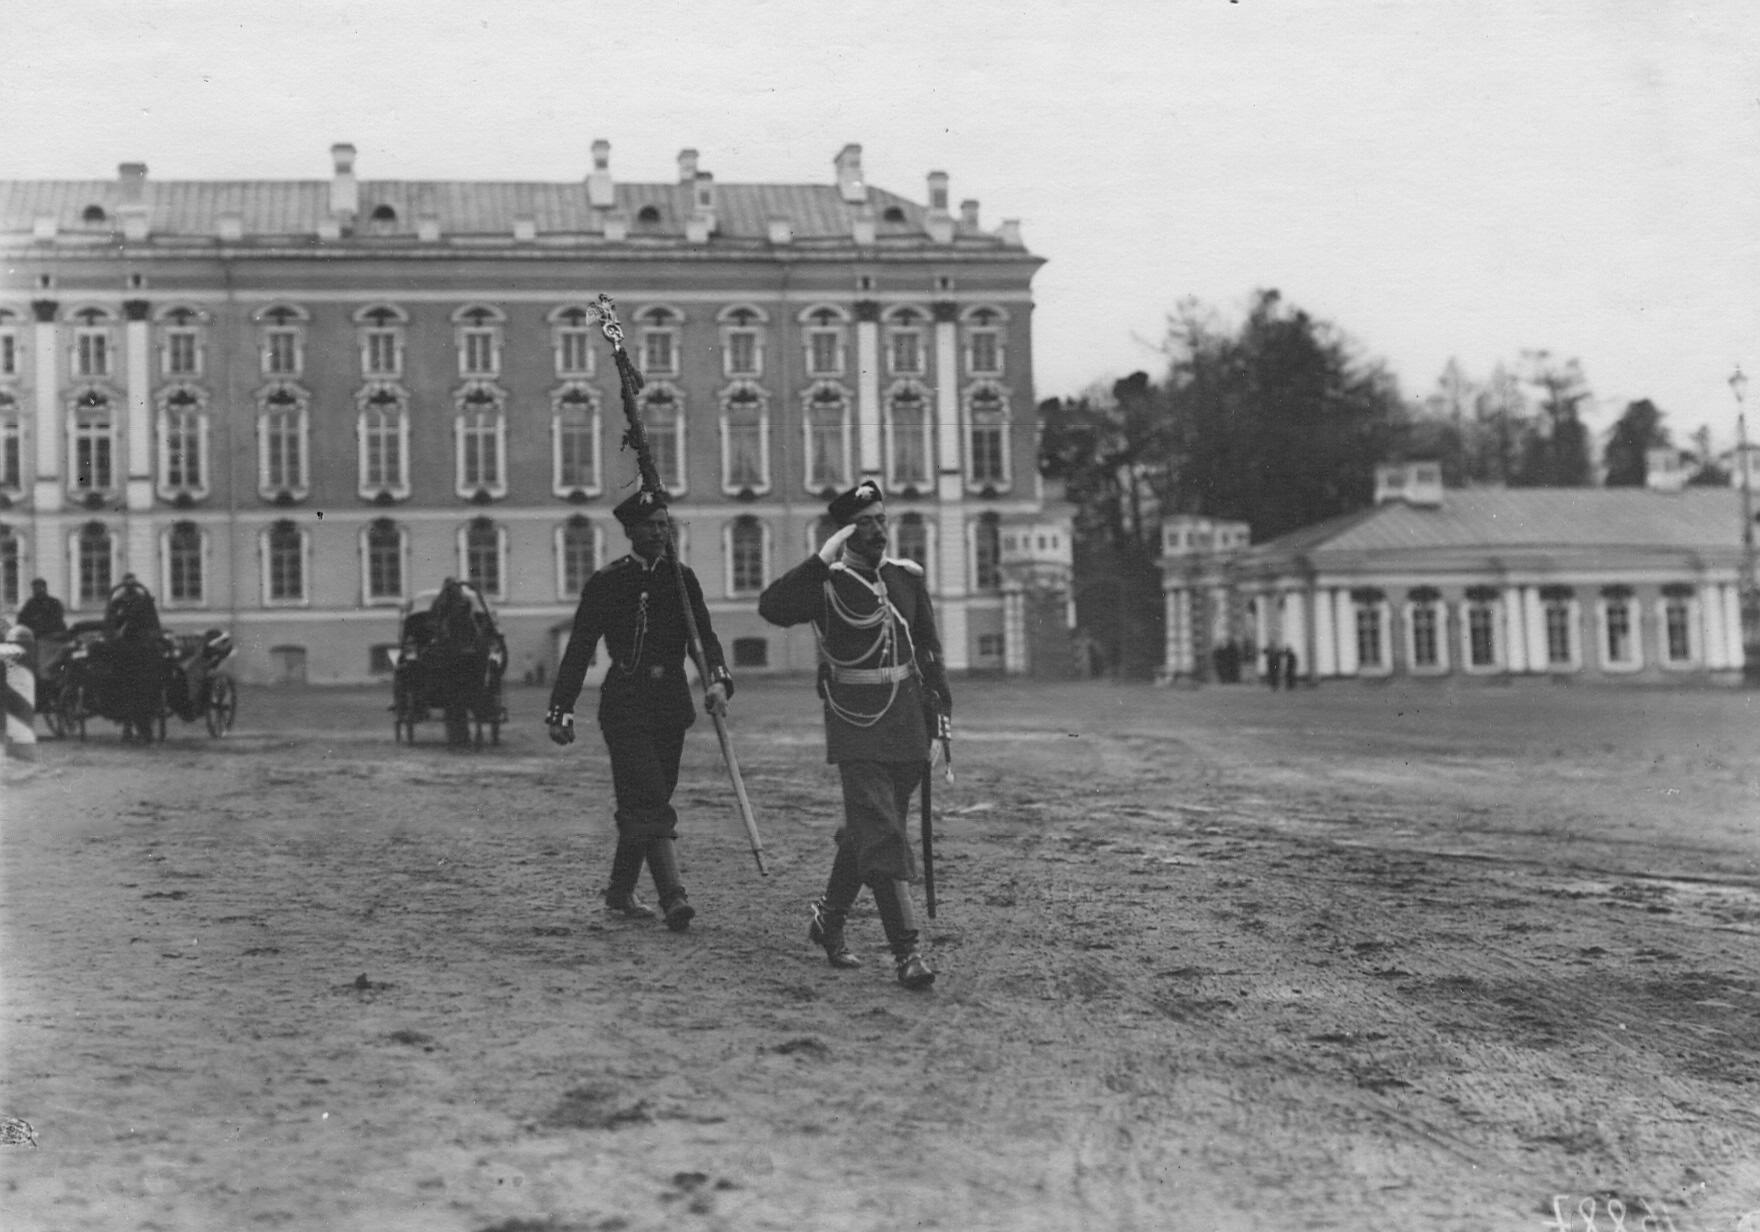 Вынос знамени лейб-гвардии 2-го Царскосельского стрелкового батальона во время парада батальонов. 21 апреля 1905